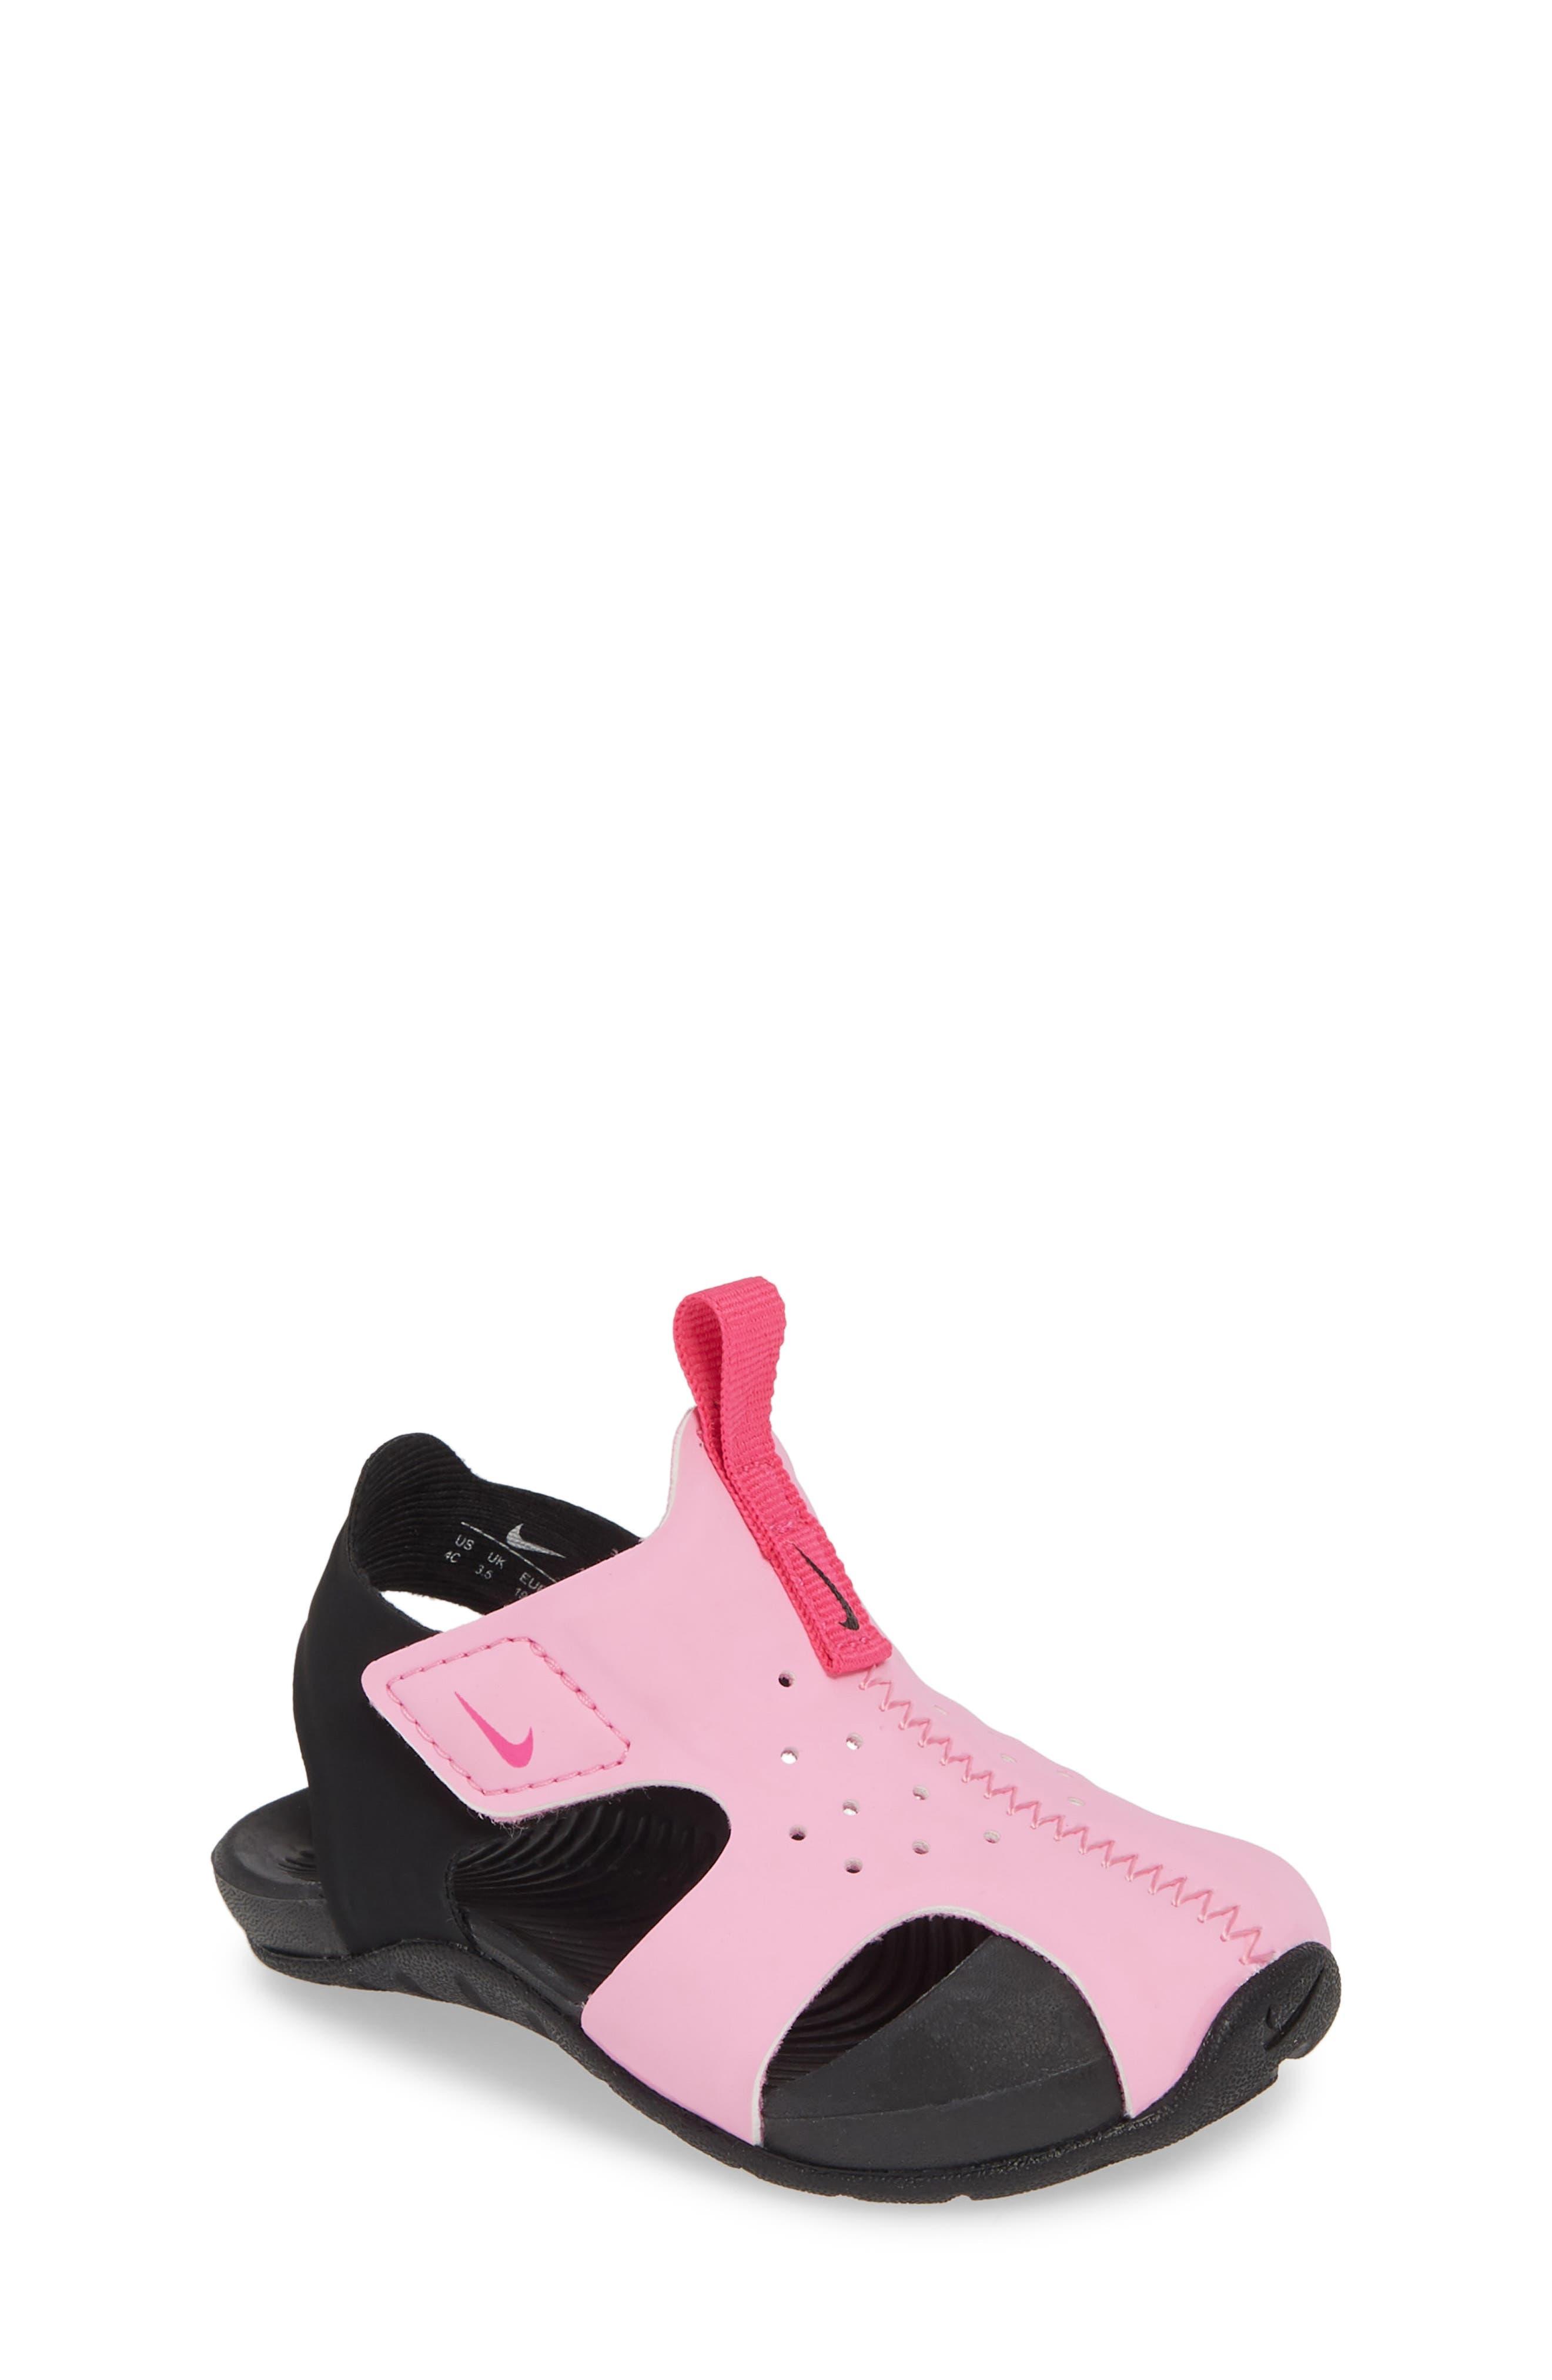 c10ce1fae036 Toddler Boys  Nike Shoes (Sizes 7.5-12)